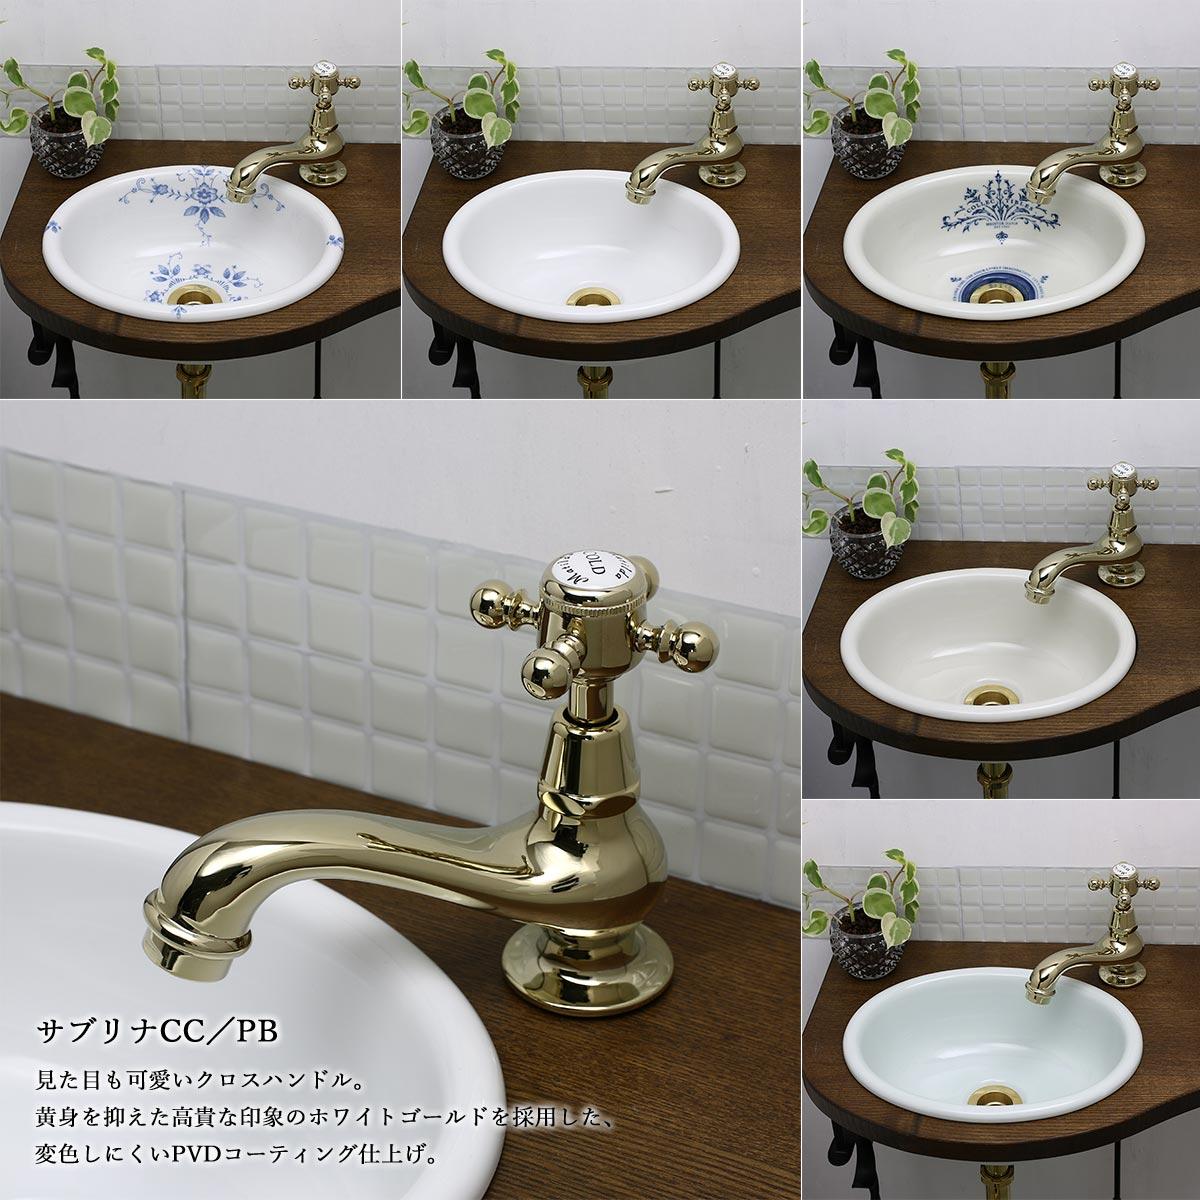 アンティーク調の蛇口とおしゃれなエッセンス手洗器の排水口金具3点セット